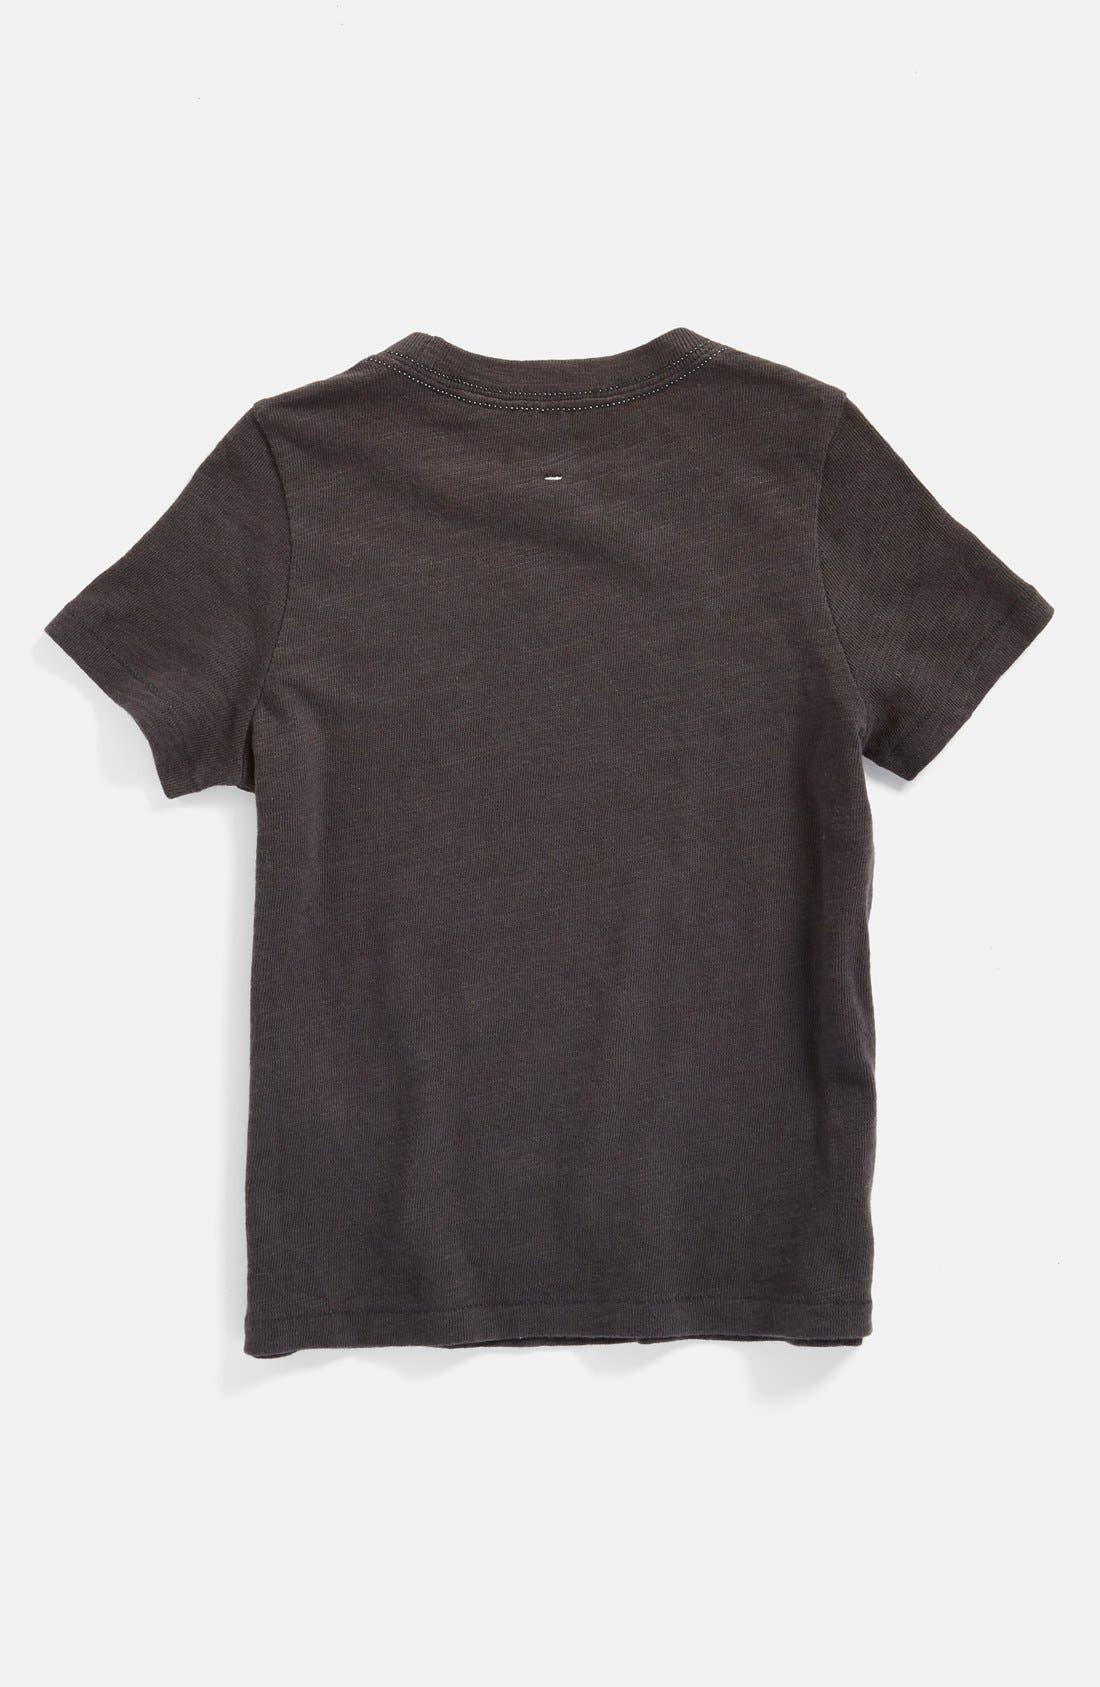 Alternate Image 2  - rag & bone/JEAN 'Spaceman' Unisex T-Shirt (Toddler, Little Kid & Big Kid)